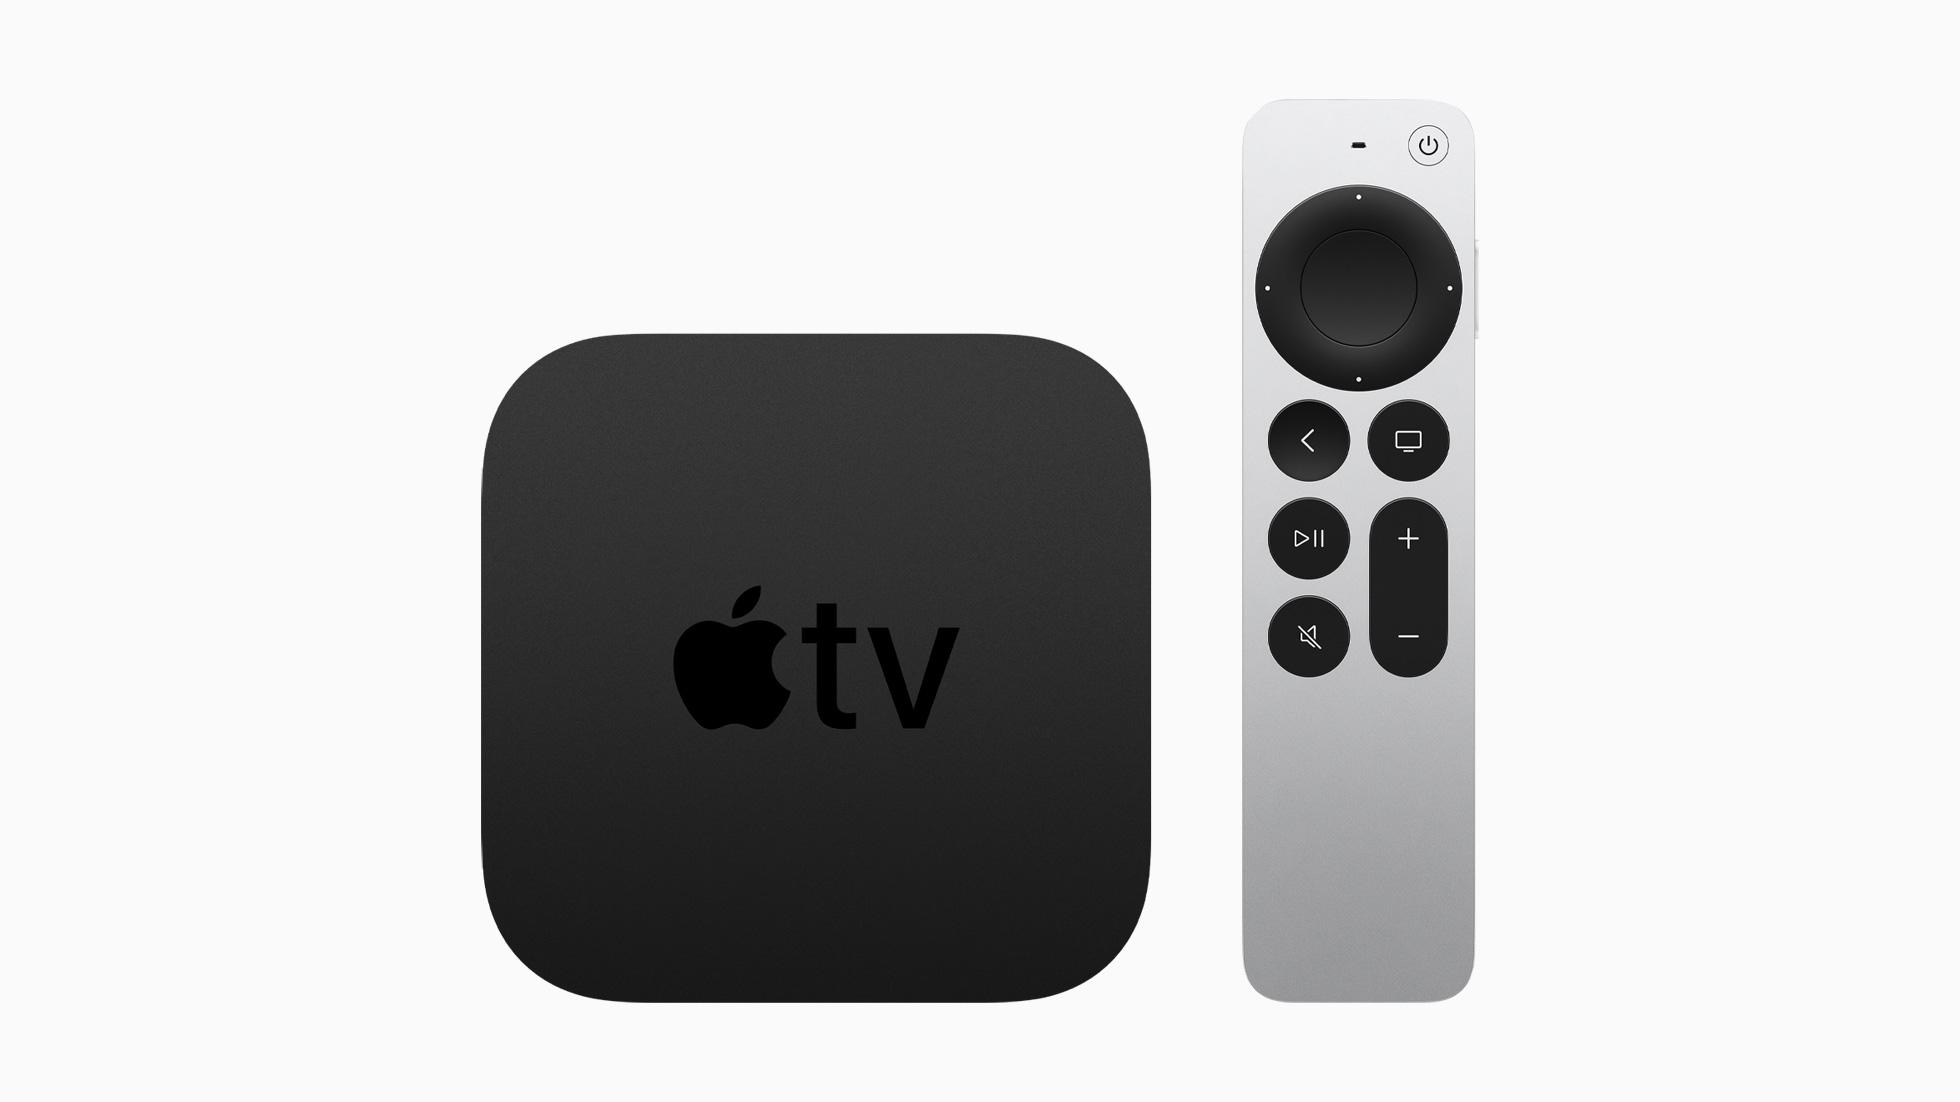 Apple_unveils-the-next-gen-of-AppleTV4K_042021.jpg